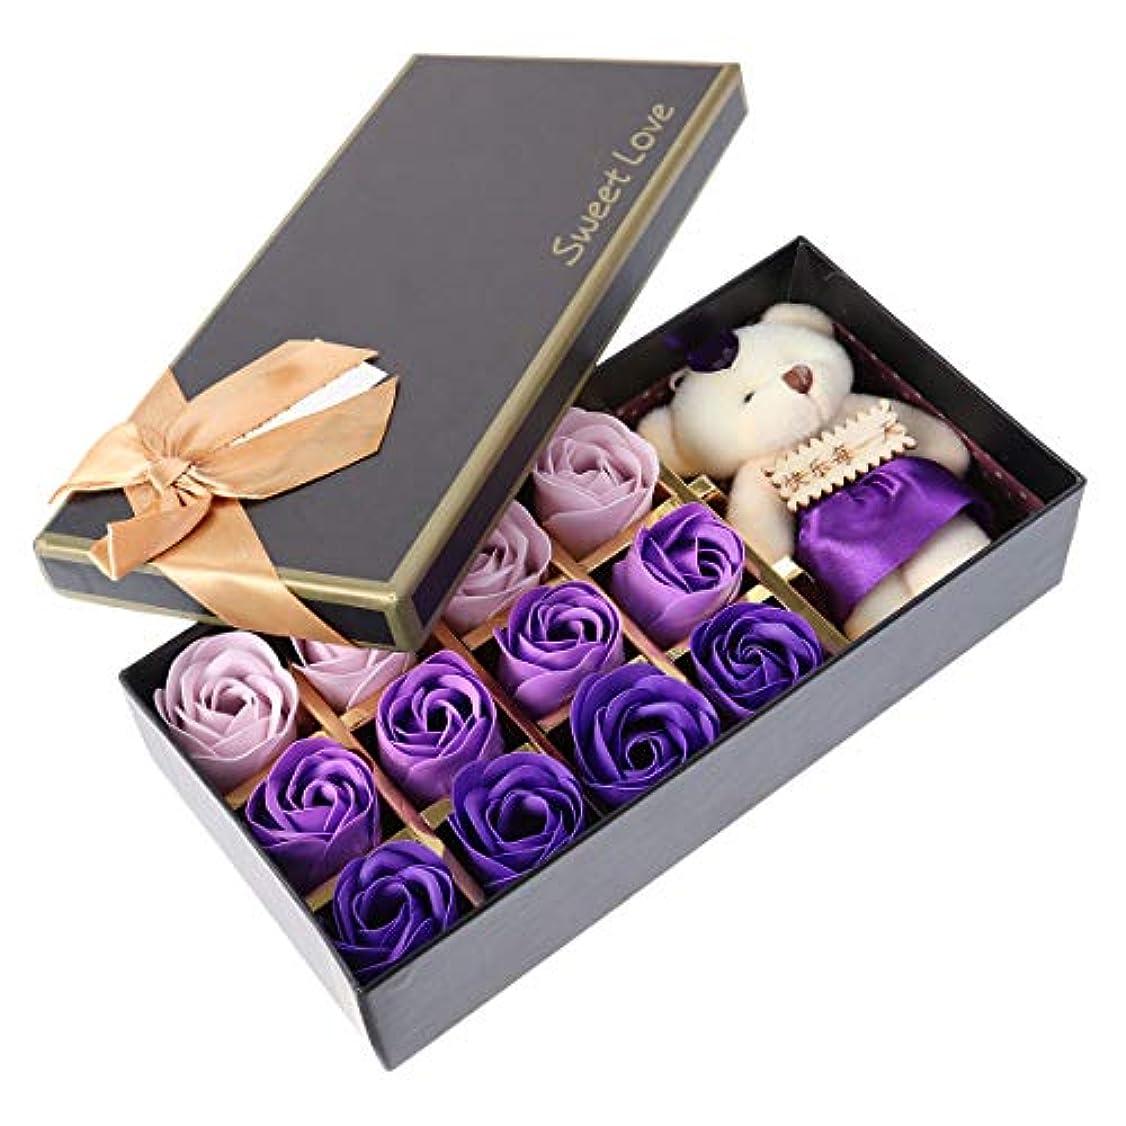 お互いリーク額Beaupretty バレンタインデーの結婚式の誕生日プレゼントのための小さなクマとバラの石鹸の花